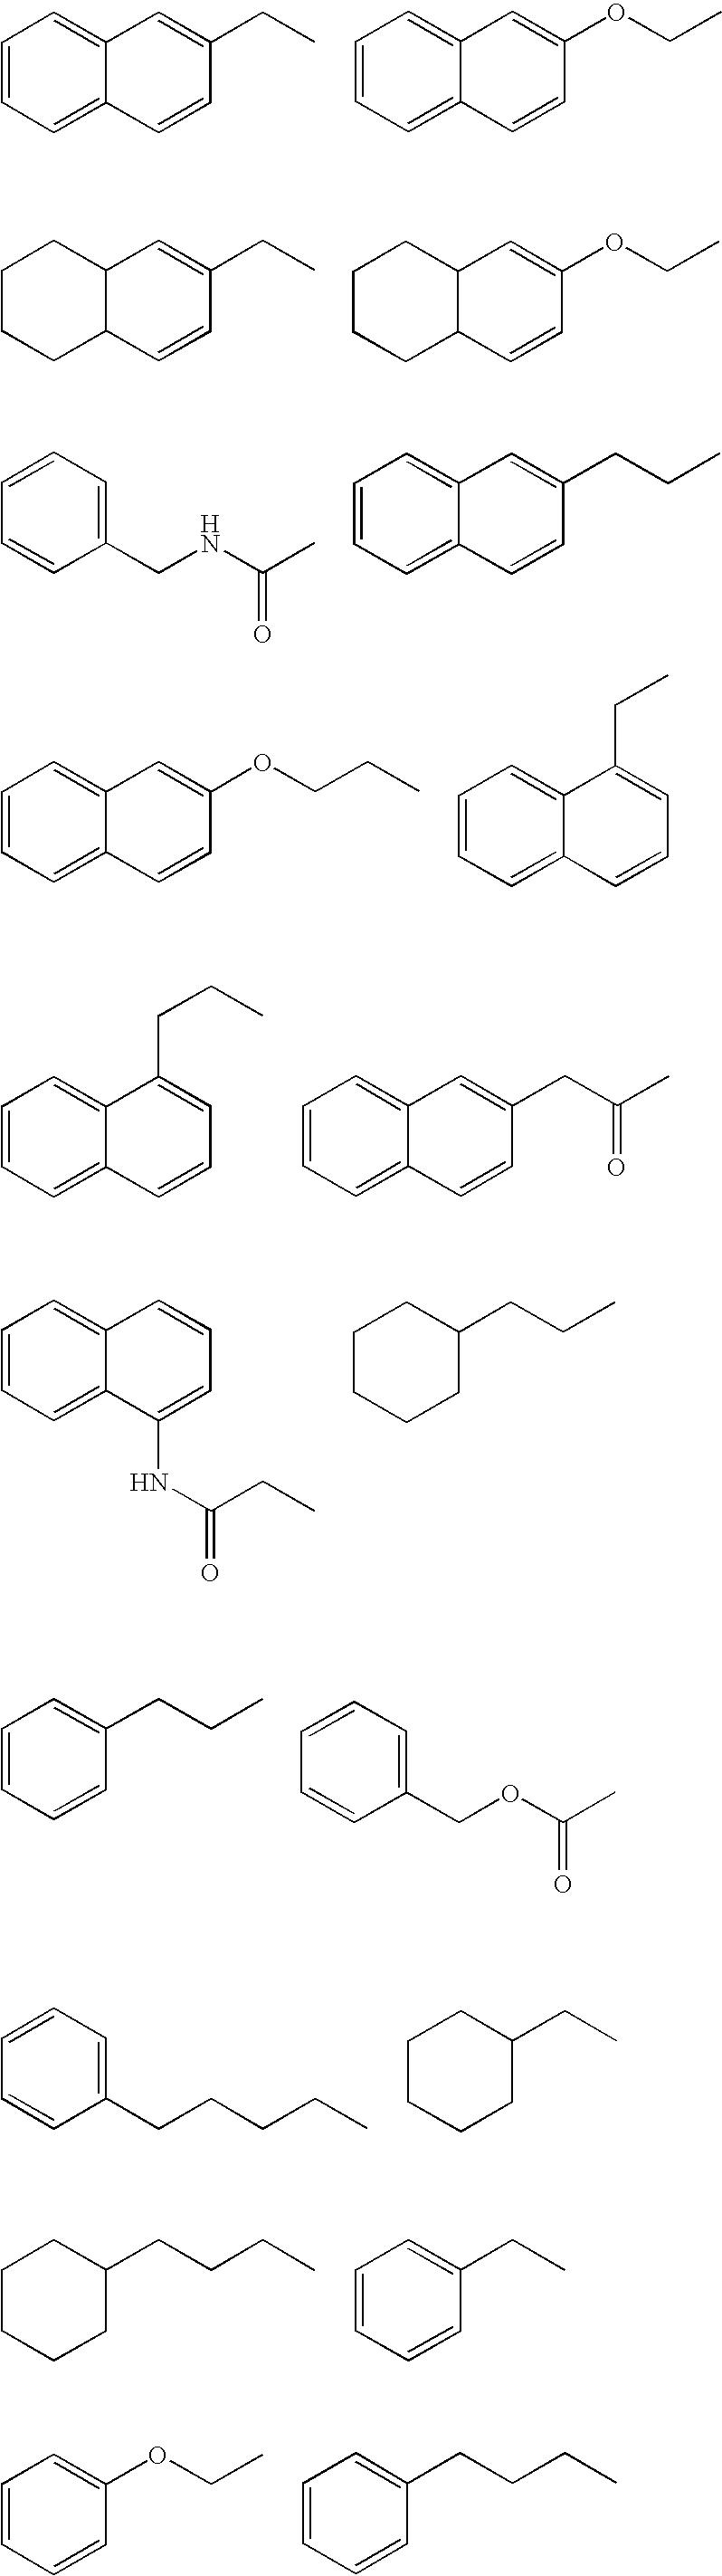 Figure US07456184-20081125-C00011